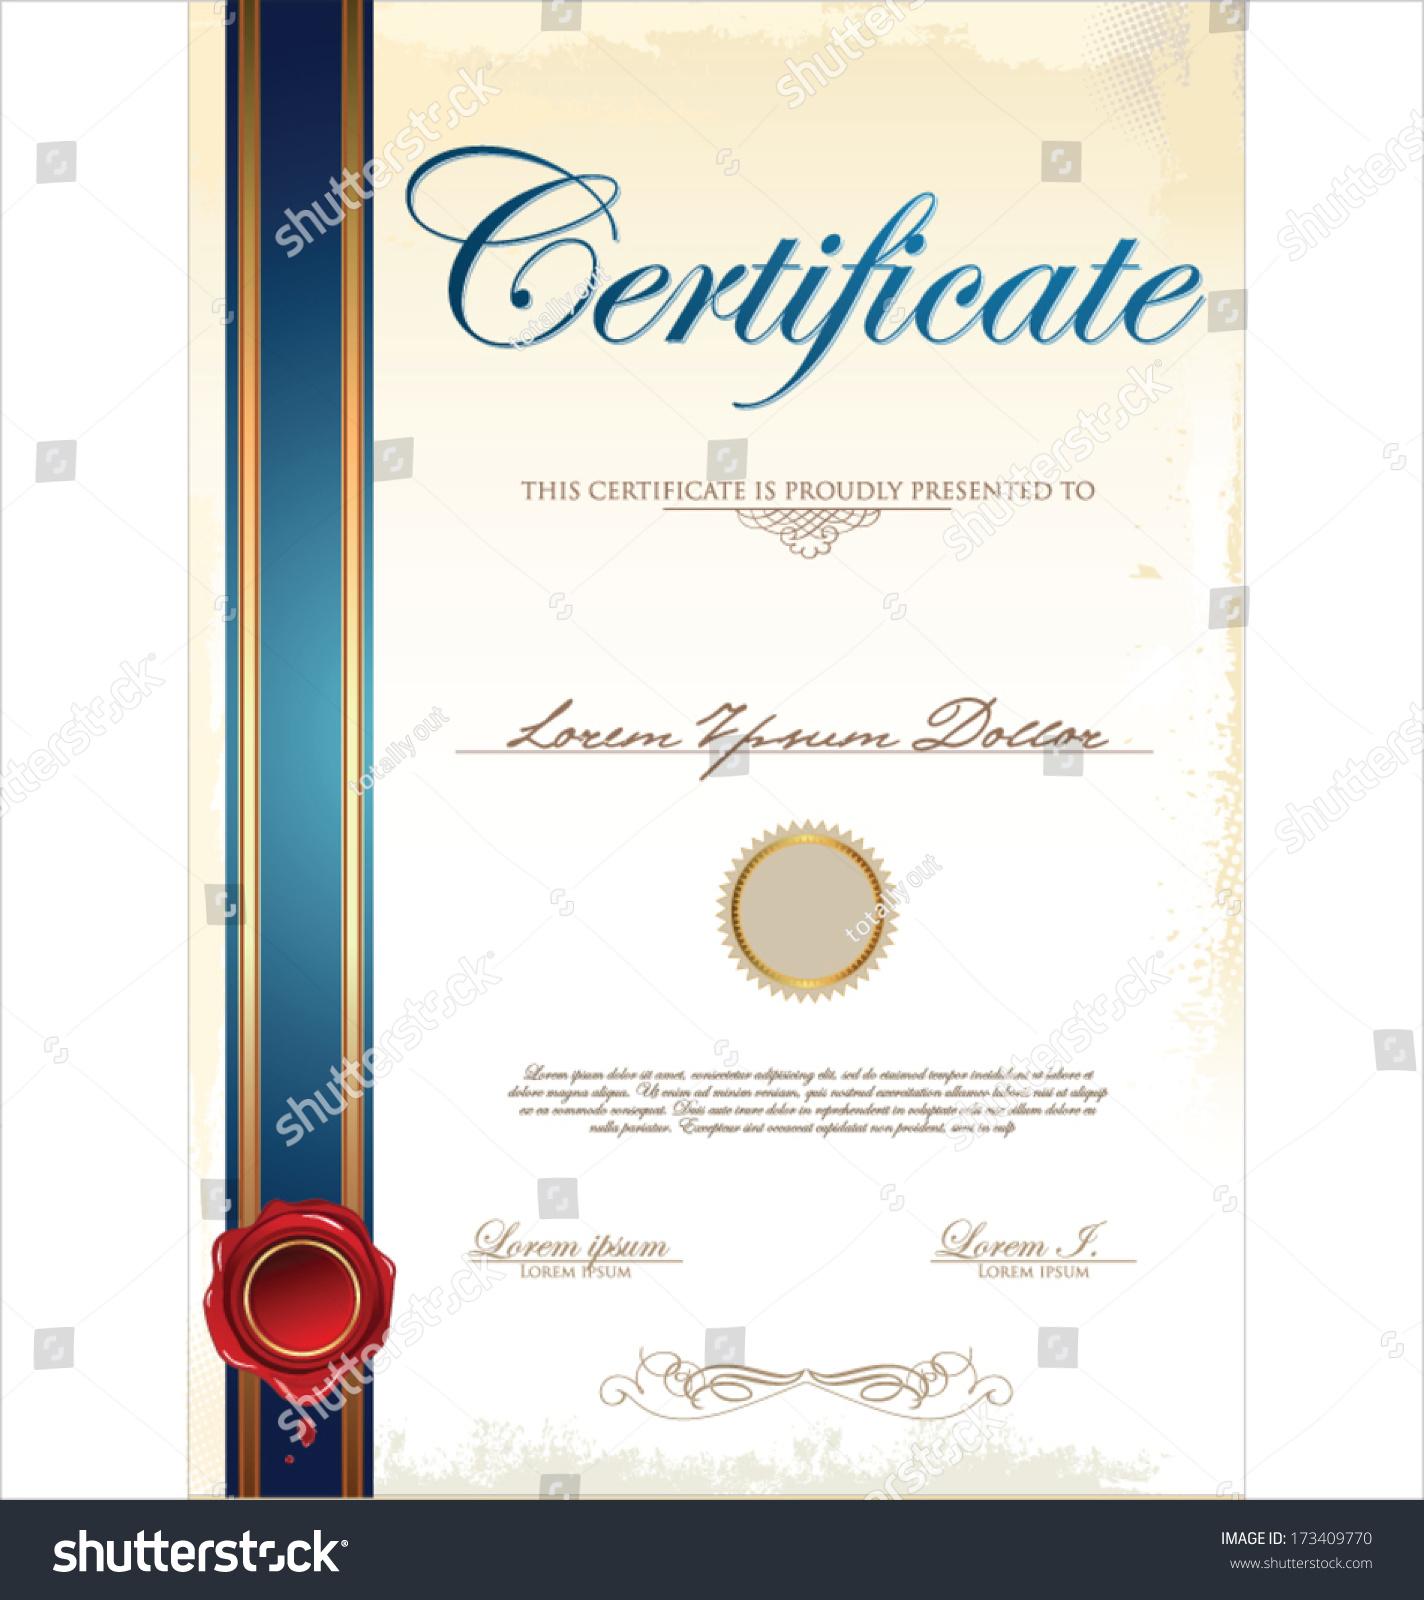 Certificate Samples  Certificate Samples